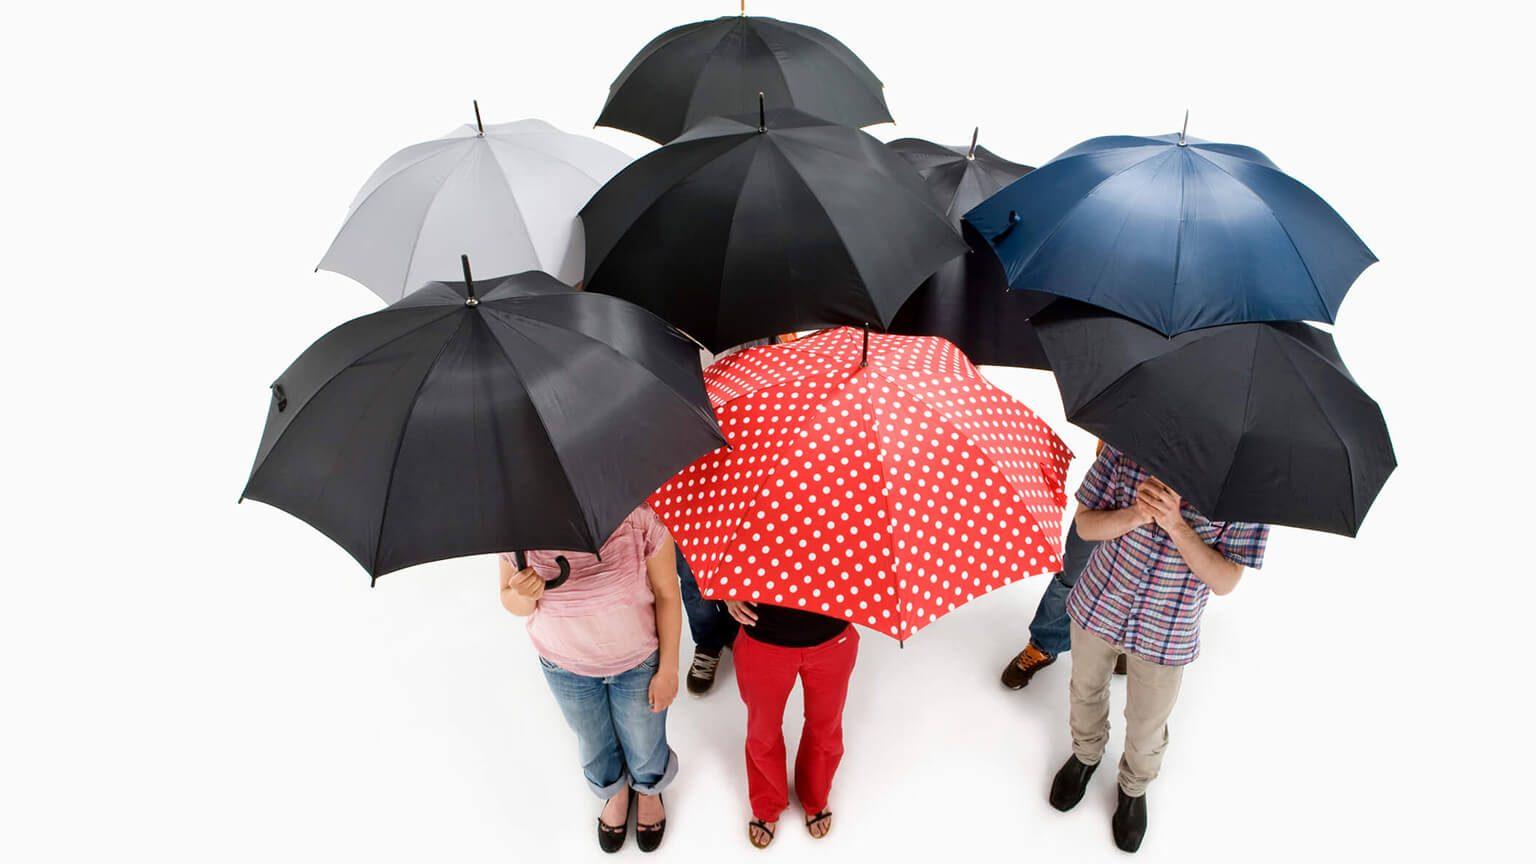 Group of men and women standing under umbrellas